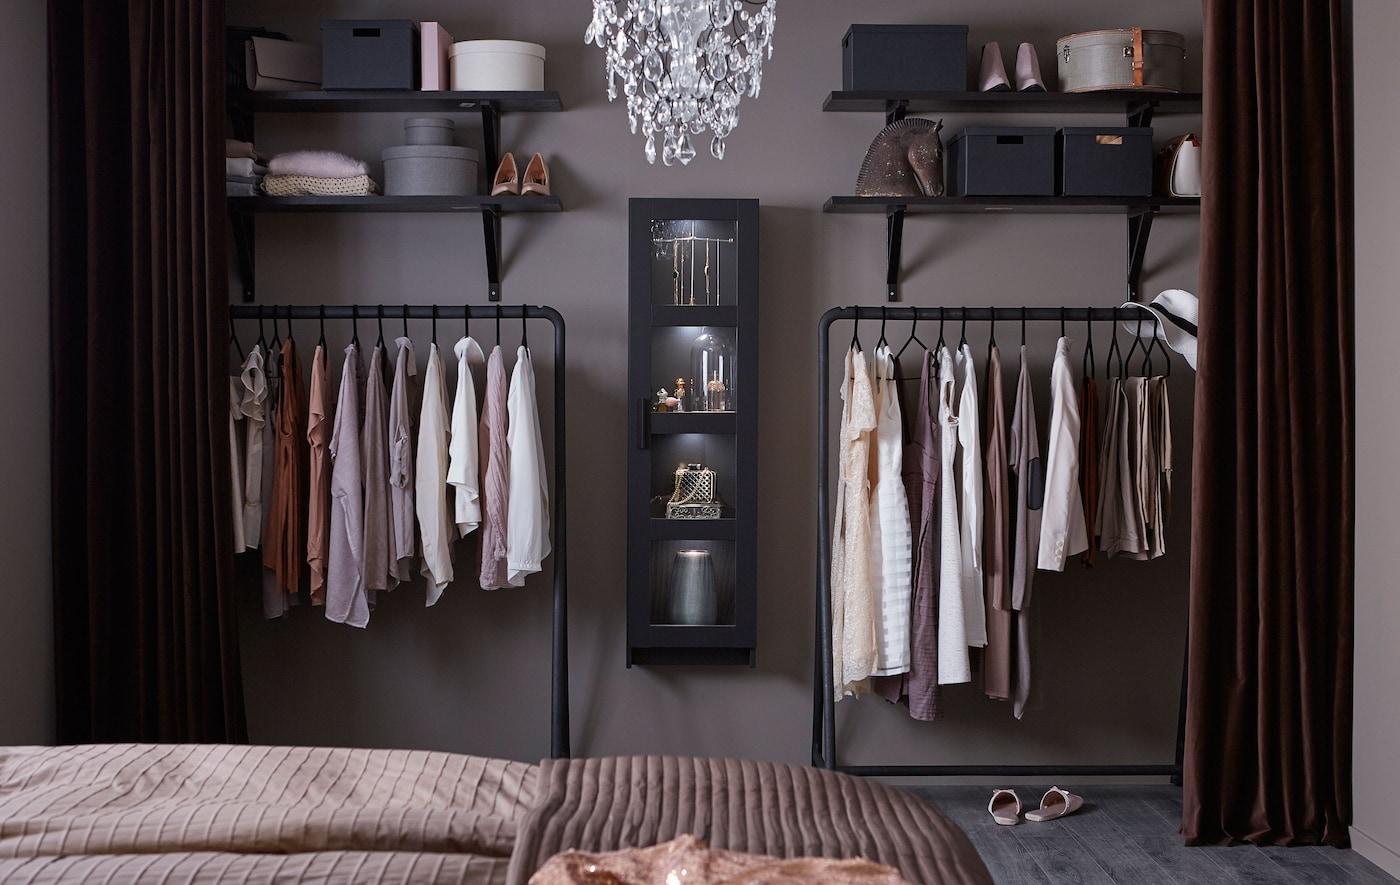 Un armario abierto que incluye percheros negros, estantes abiertos negros y una vitrina negra, llena de ropa.